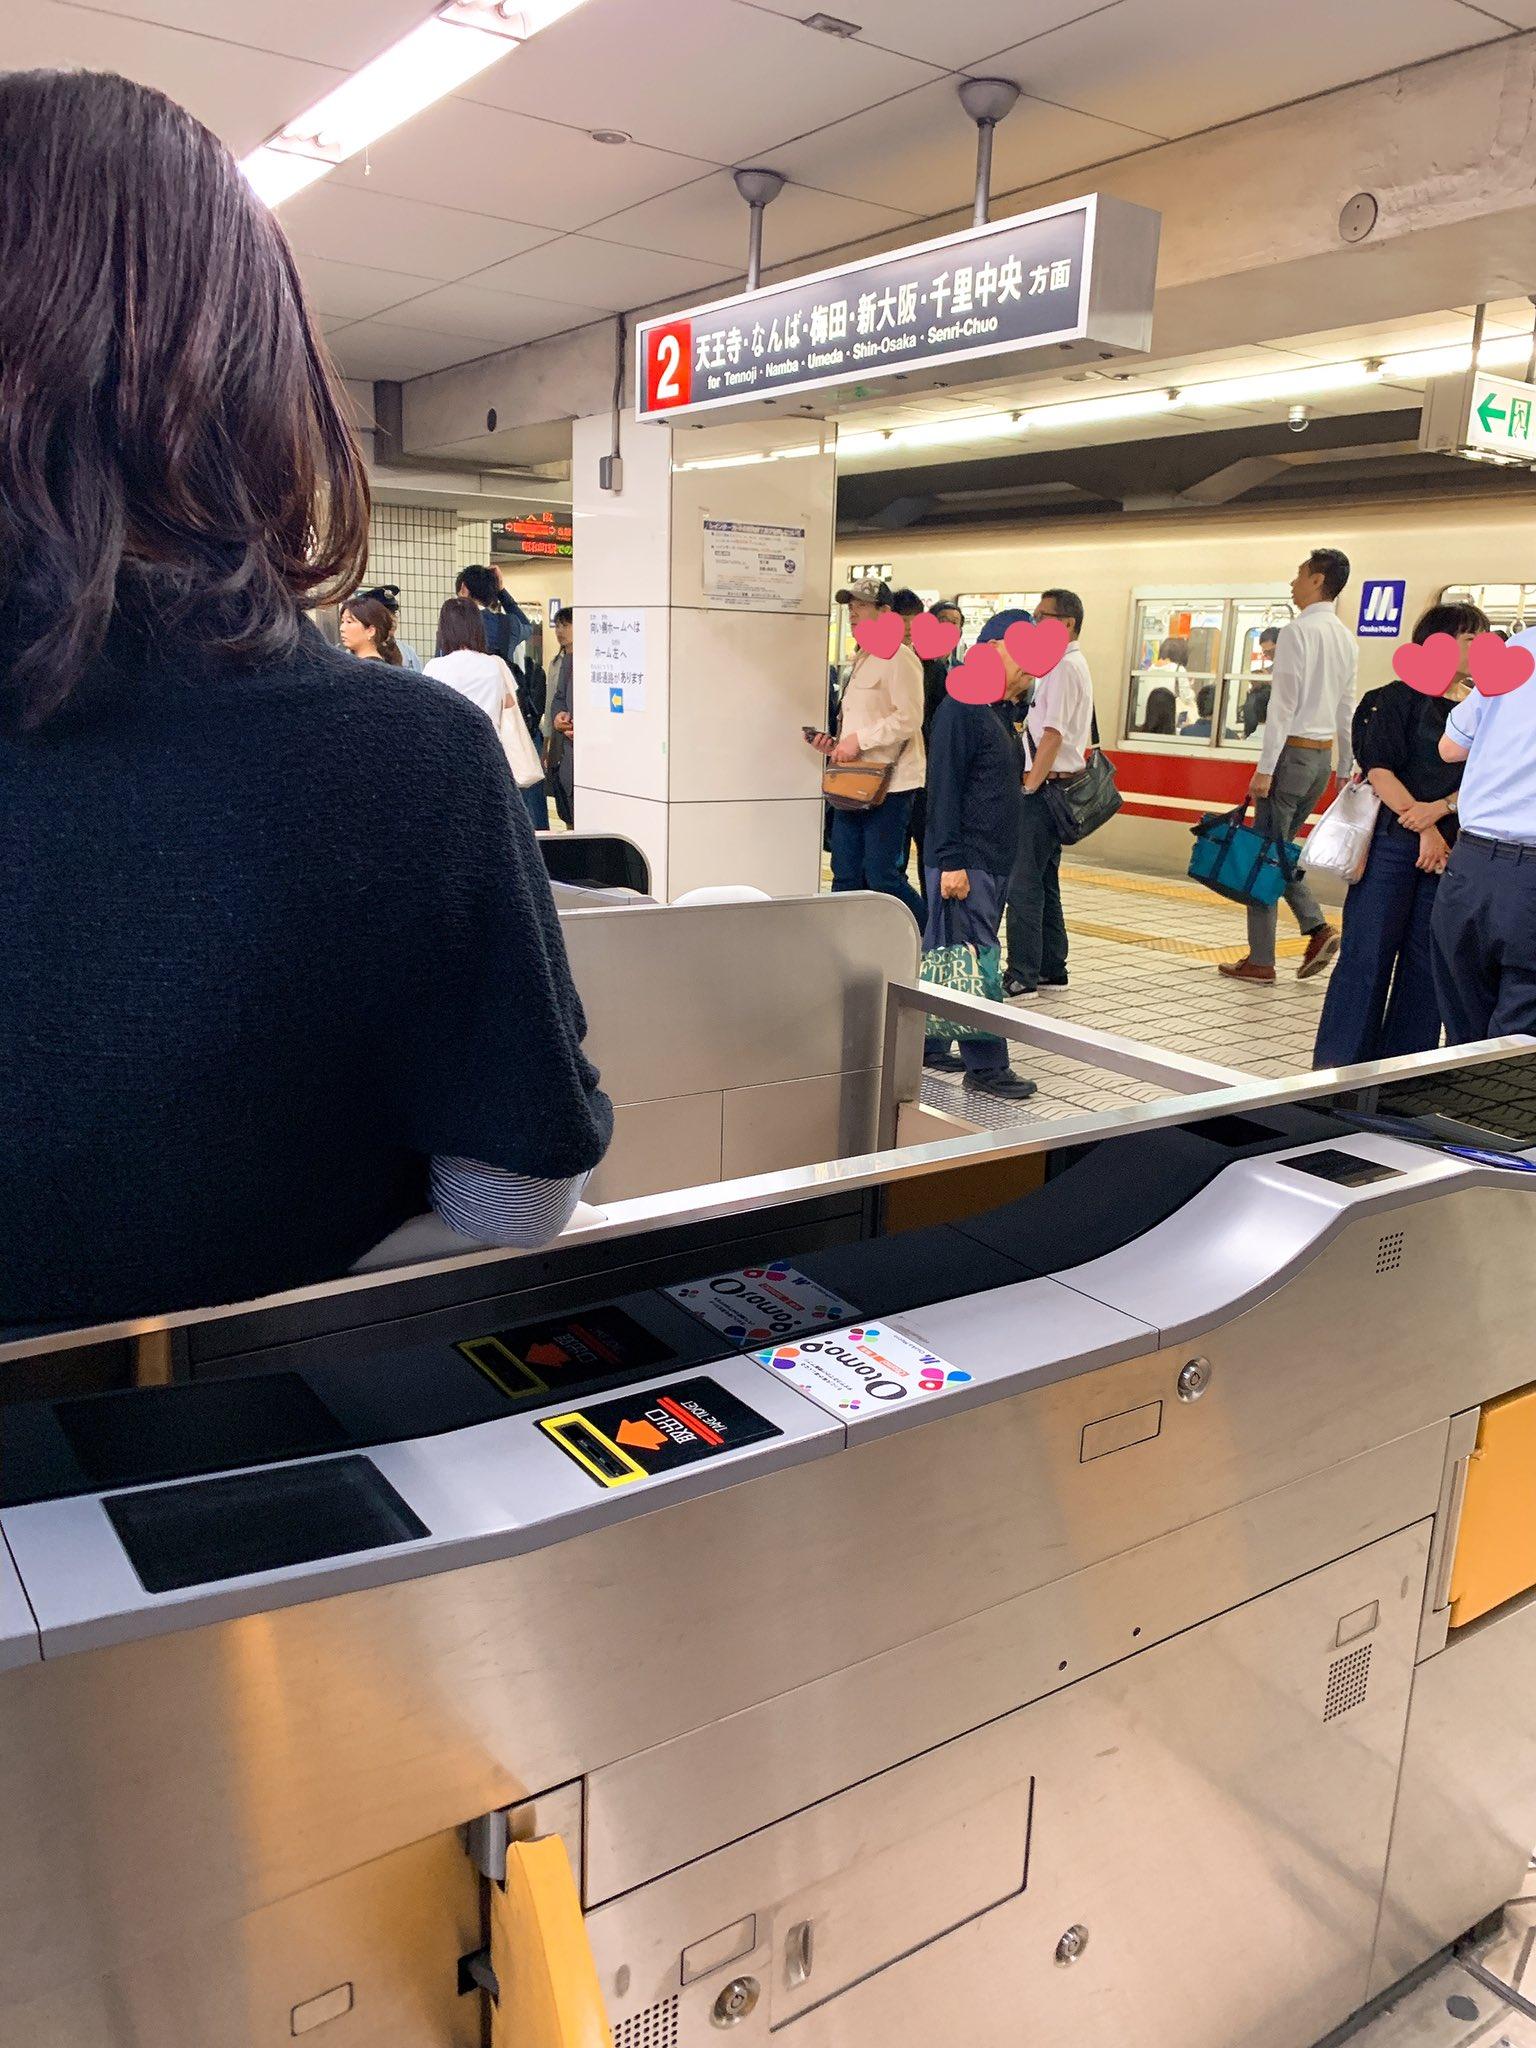 画像,#御堂筋線昭和町駅で発生した人身事故の影響で全く動いていない様子ですまだしばらくかかるとのことでJRに戻ります https://t.co/p6fvci9EOm…